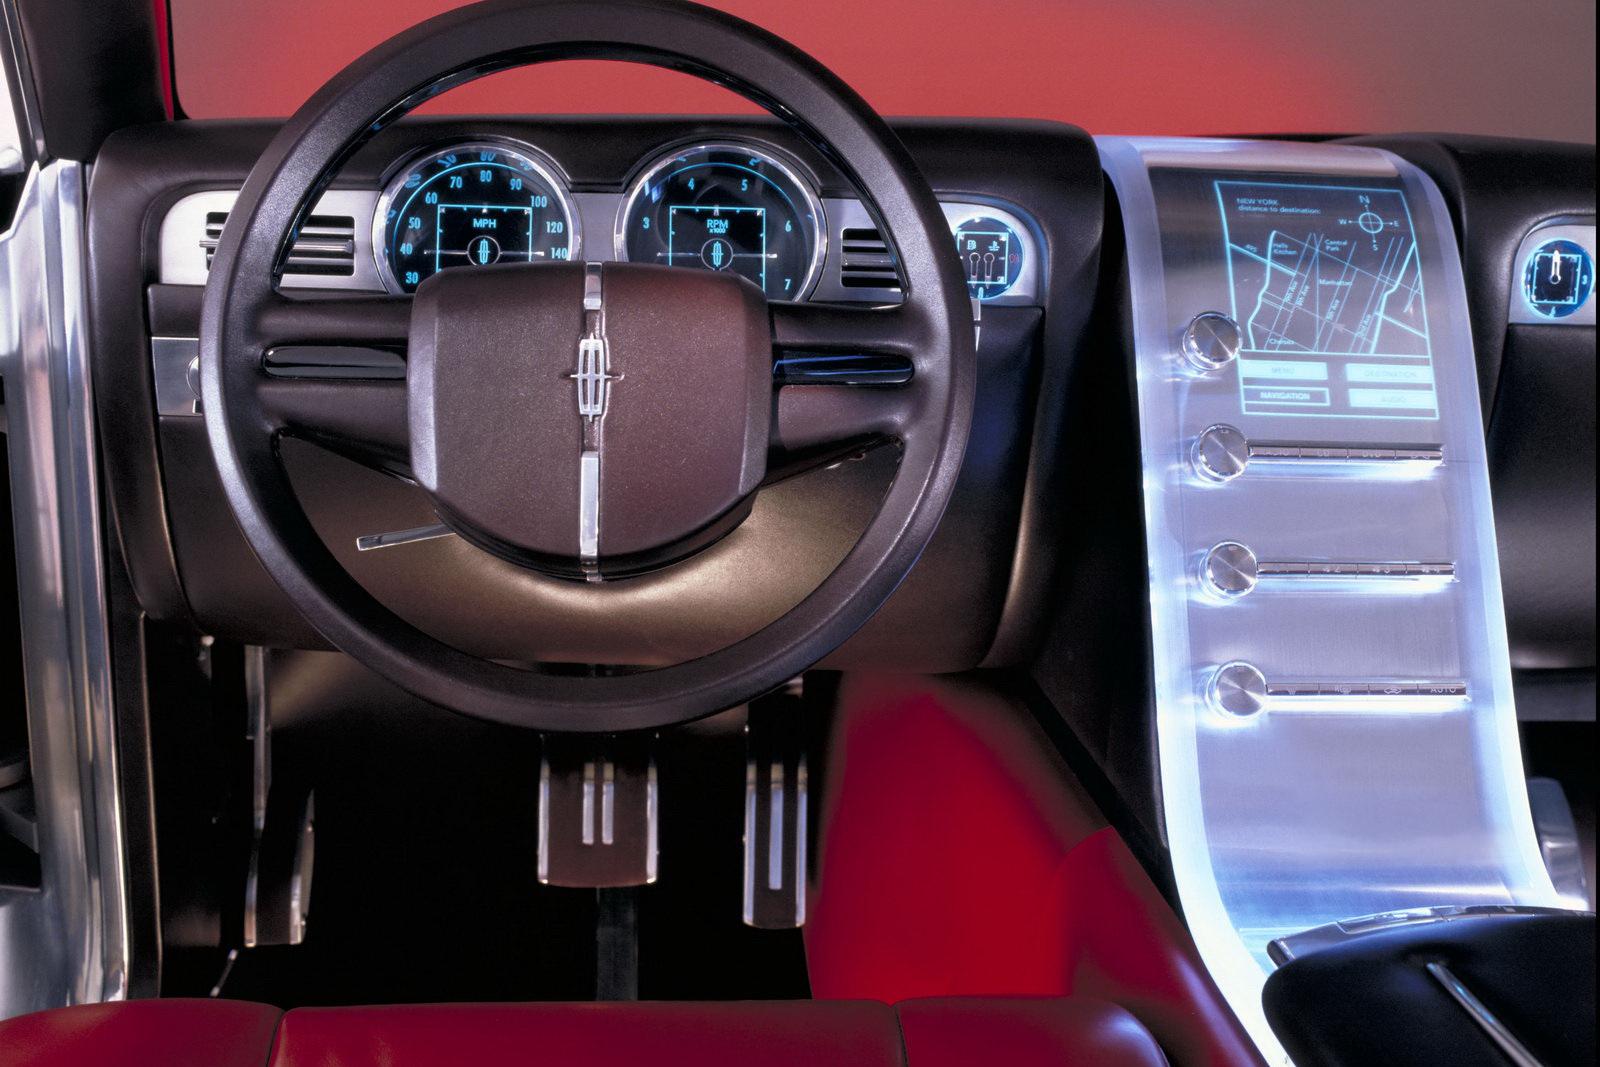 http://1.bp.blogspot.com/_FoXyvaPSnVk/TEDvzeAZPaI/AAAAAAADFdE/g9taq33YJCQ/s1600/2001-Lincoln-MK9-Concept-3.JPG